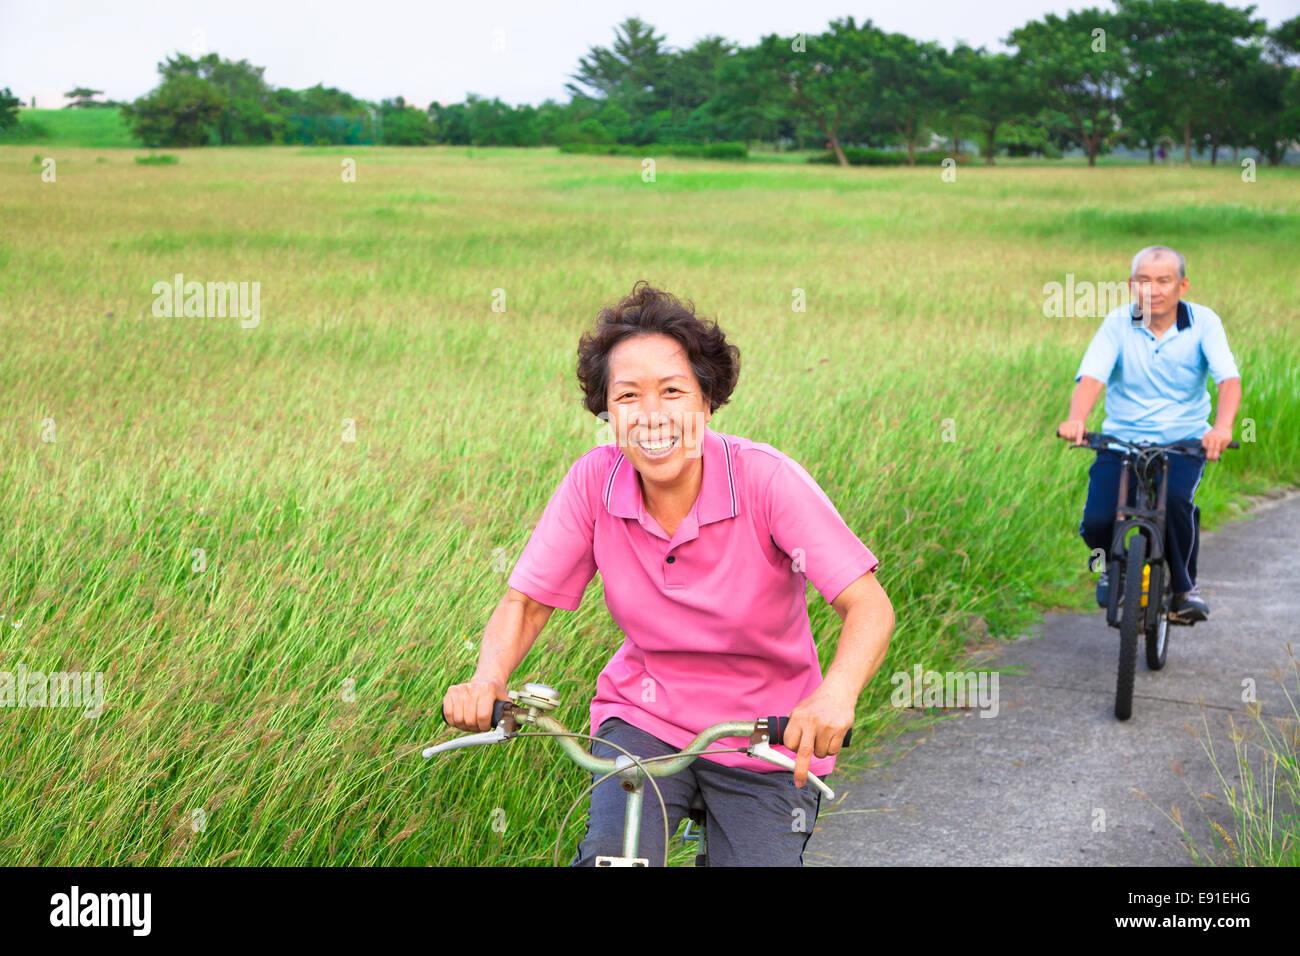 Felice seniors asiatica giovane mountain bike nel parco.Le pensioni di anzianità e di uno stile di vita sano concetto Foto Stock